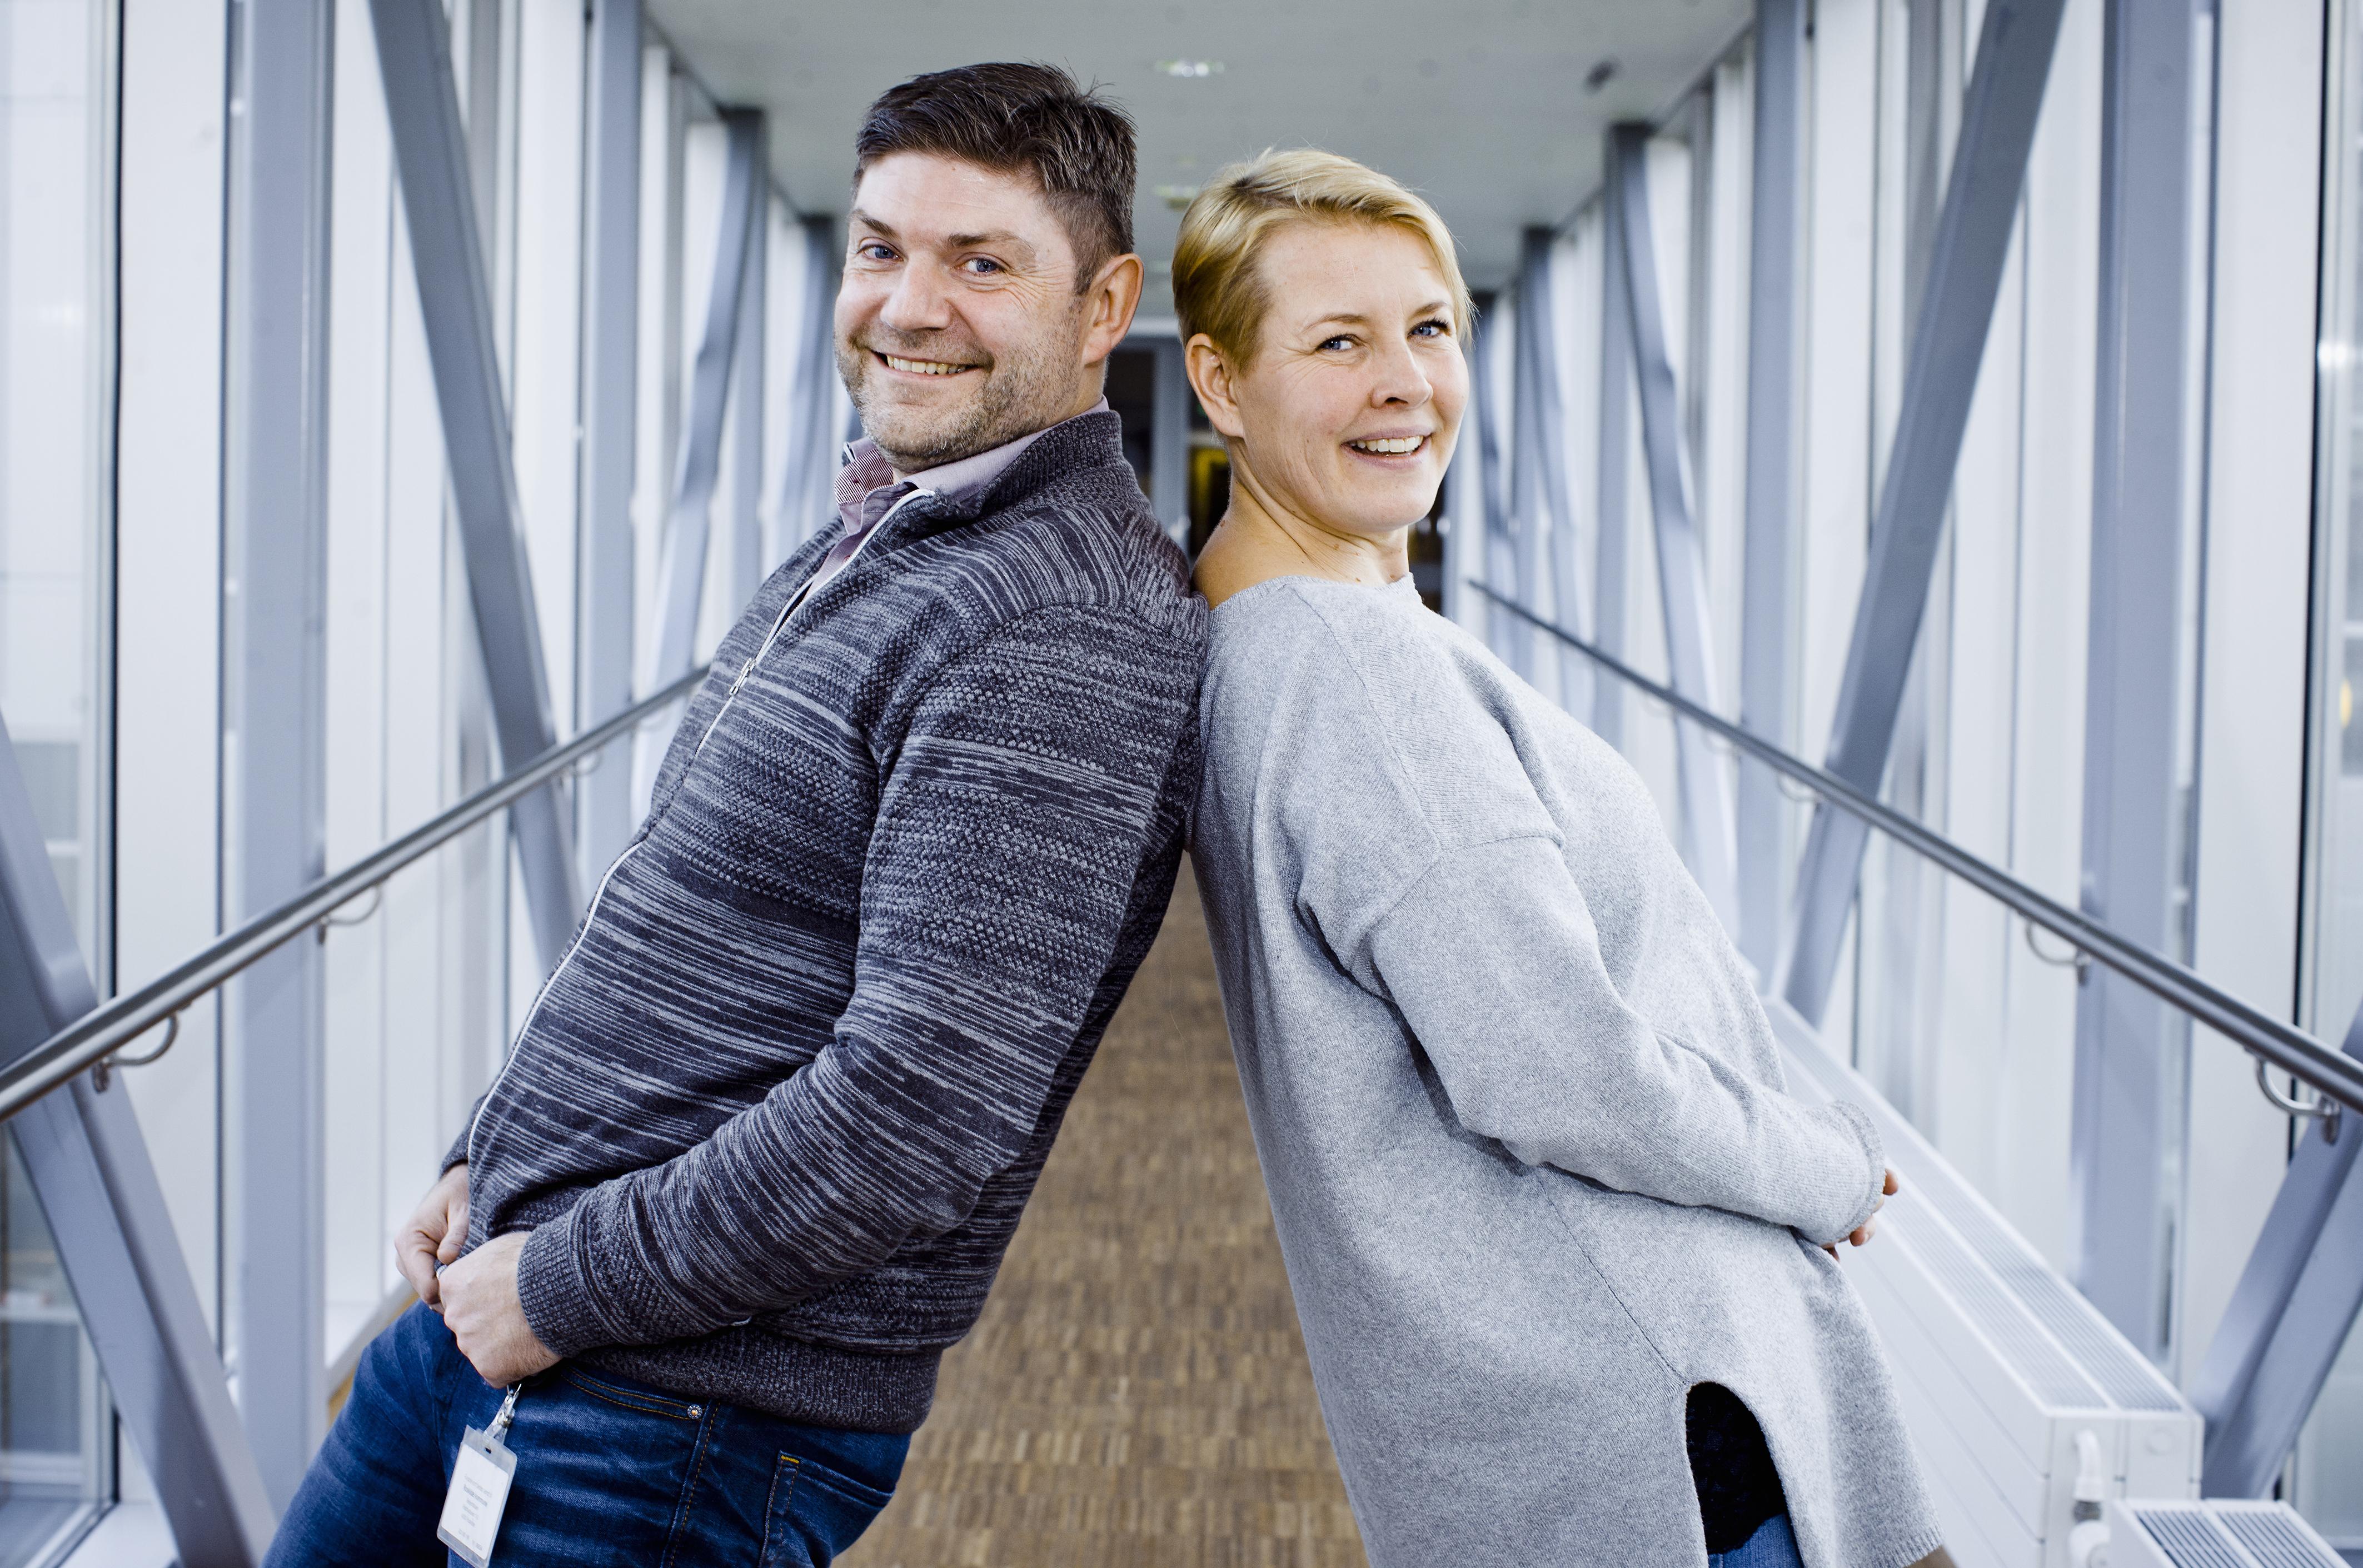 Fællestillidsrepræsentanterne Jeanette Bang-Jensen, Etf, og Kim Schousboe, Danske Fysioterapeuter, har med en tidlig indsats været med at skabe et nyt AC-netværk i Roskilde Kommune.